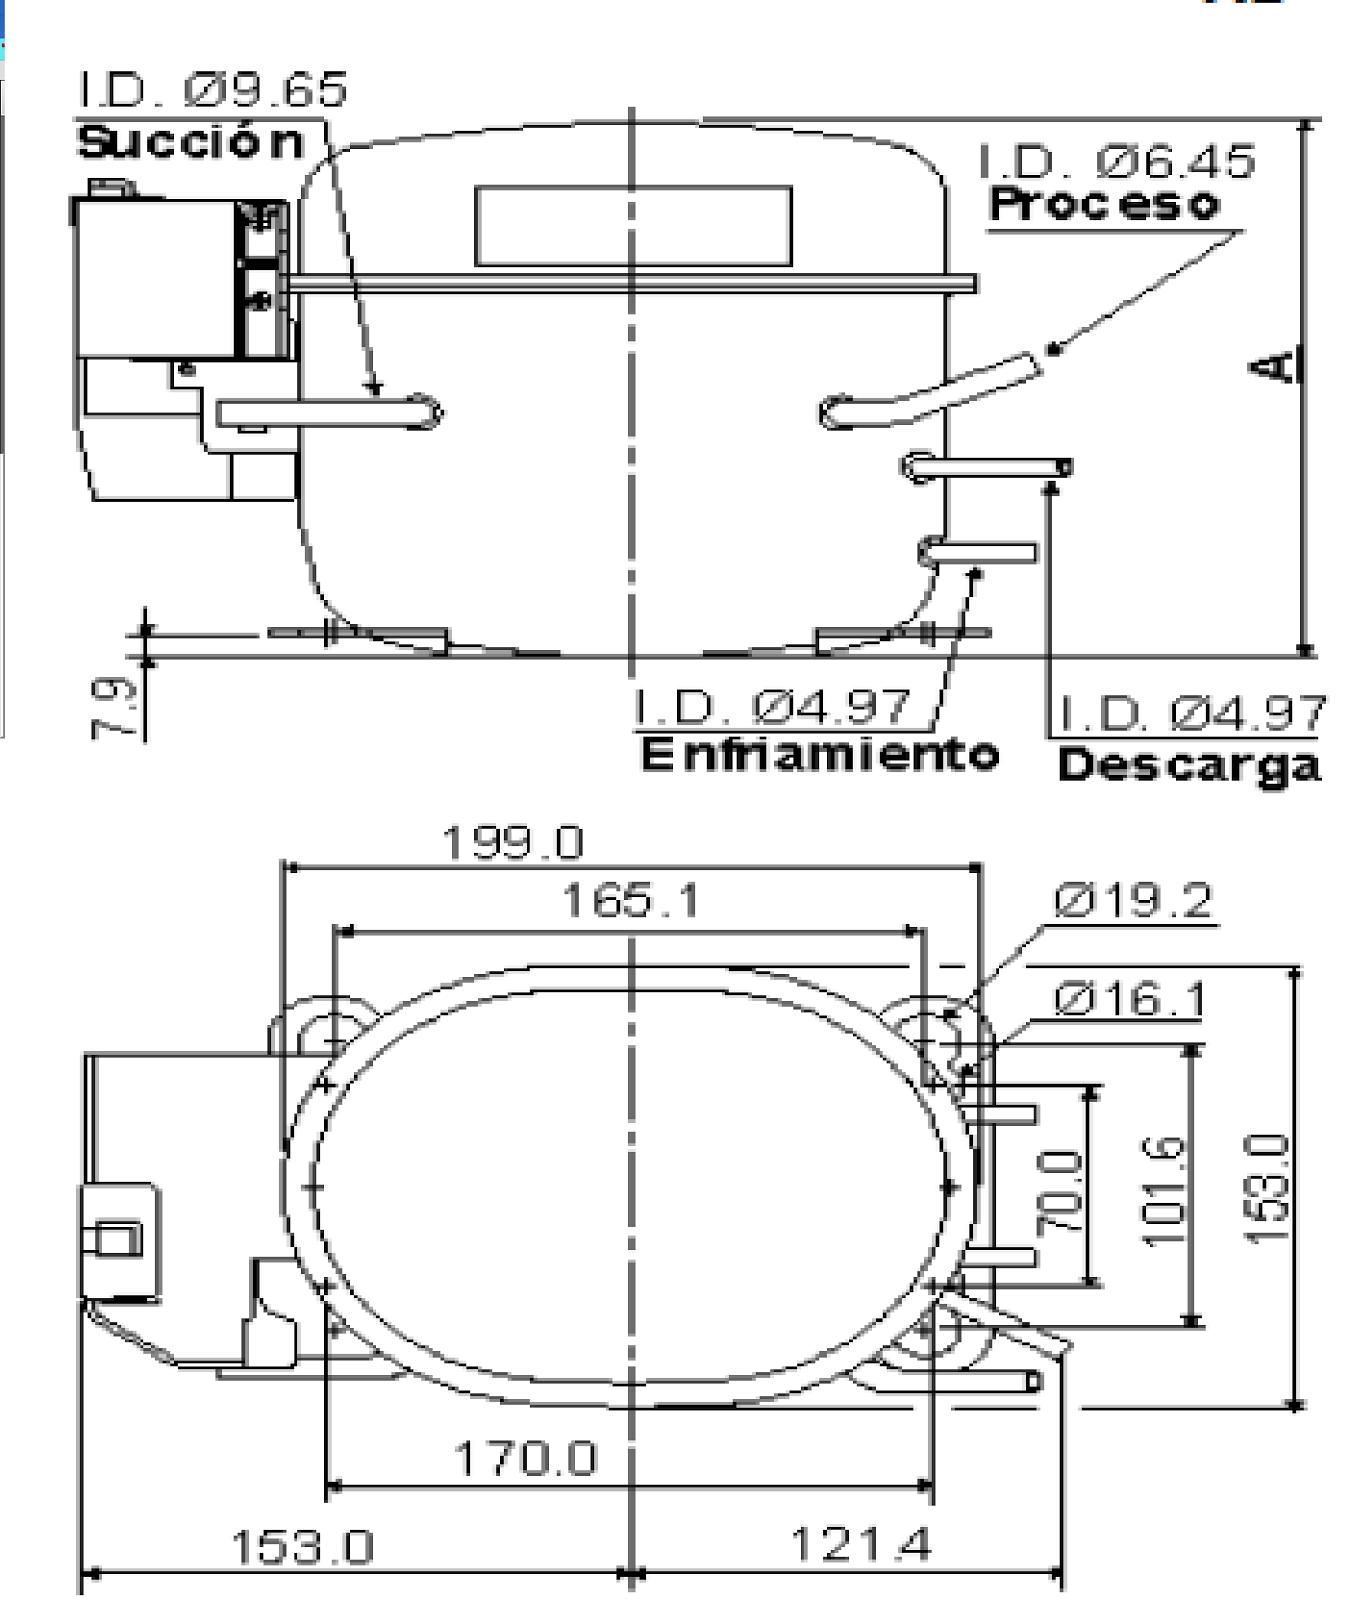 conexi u00d3n de un compresor